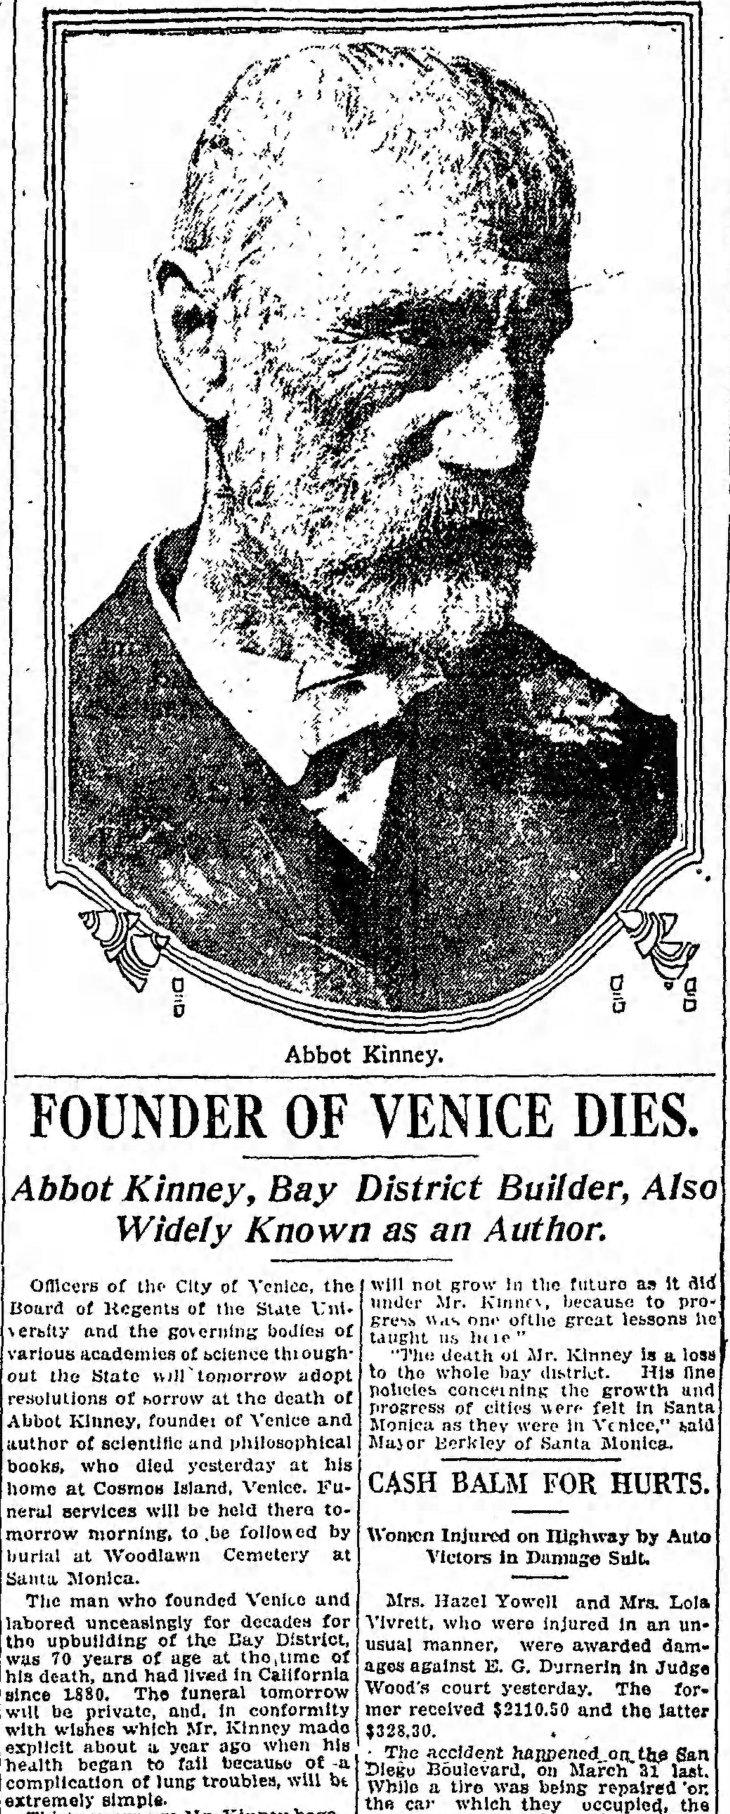 The_Los_Angeles_Times_Fri__Nov_5__1920_ (1)